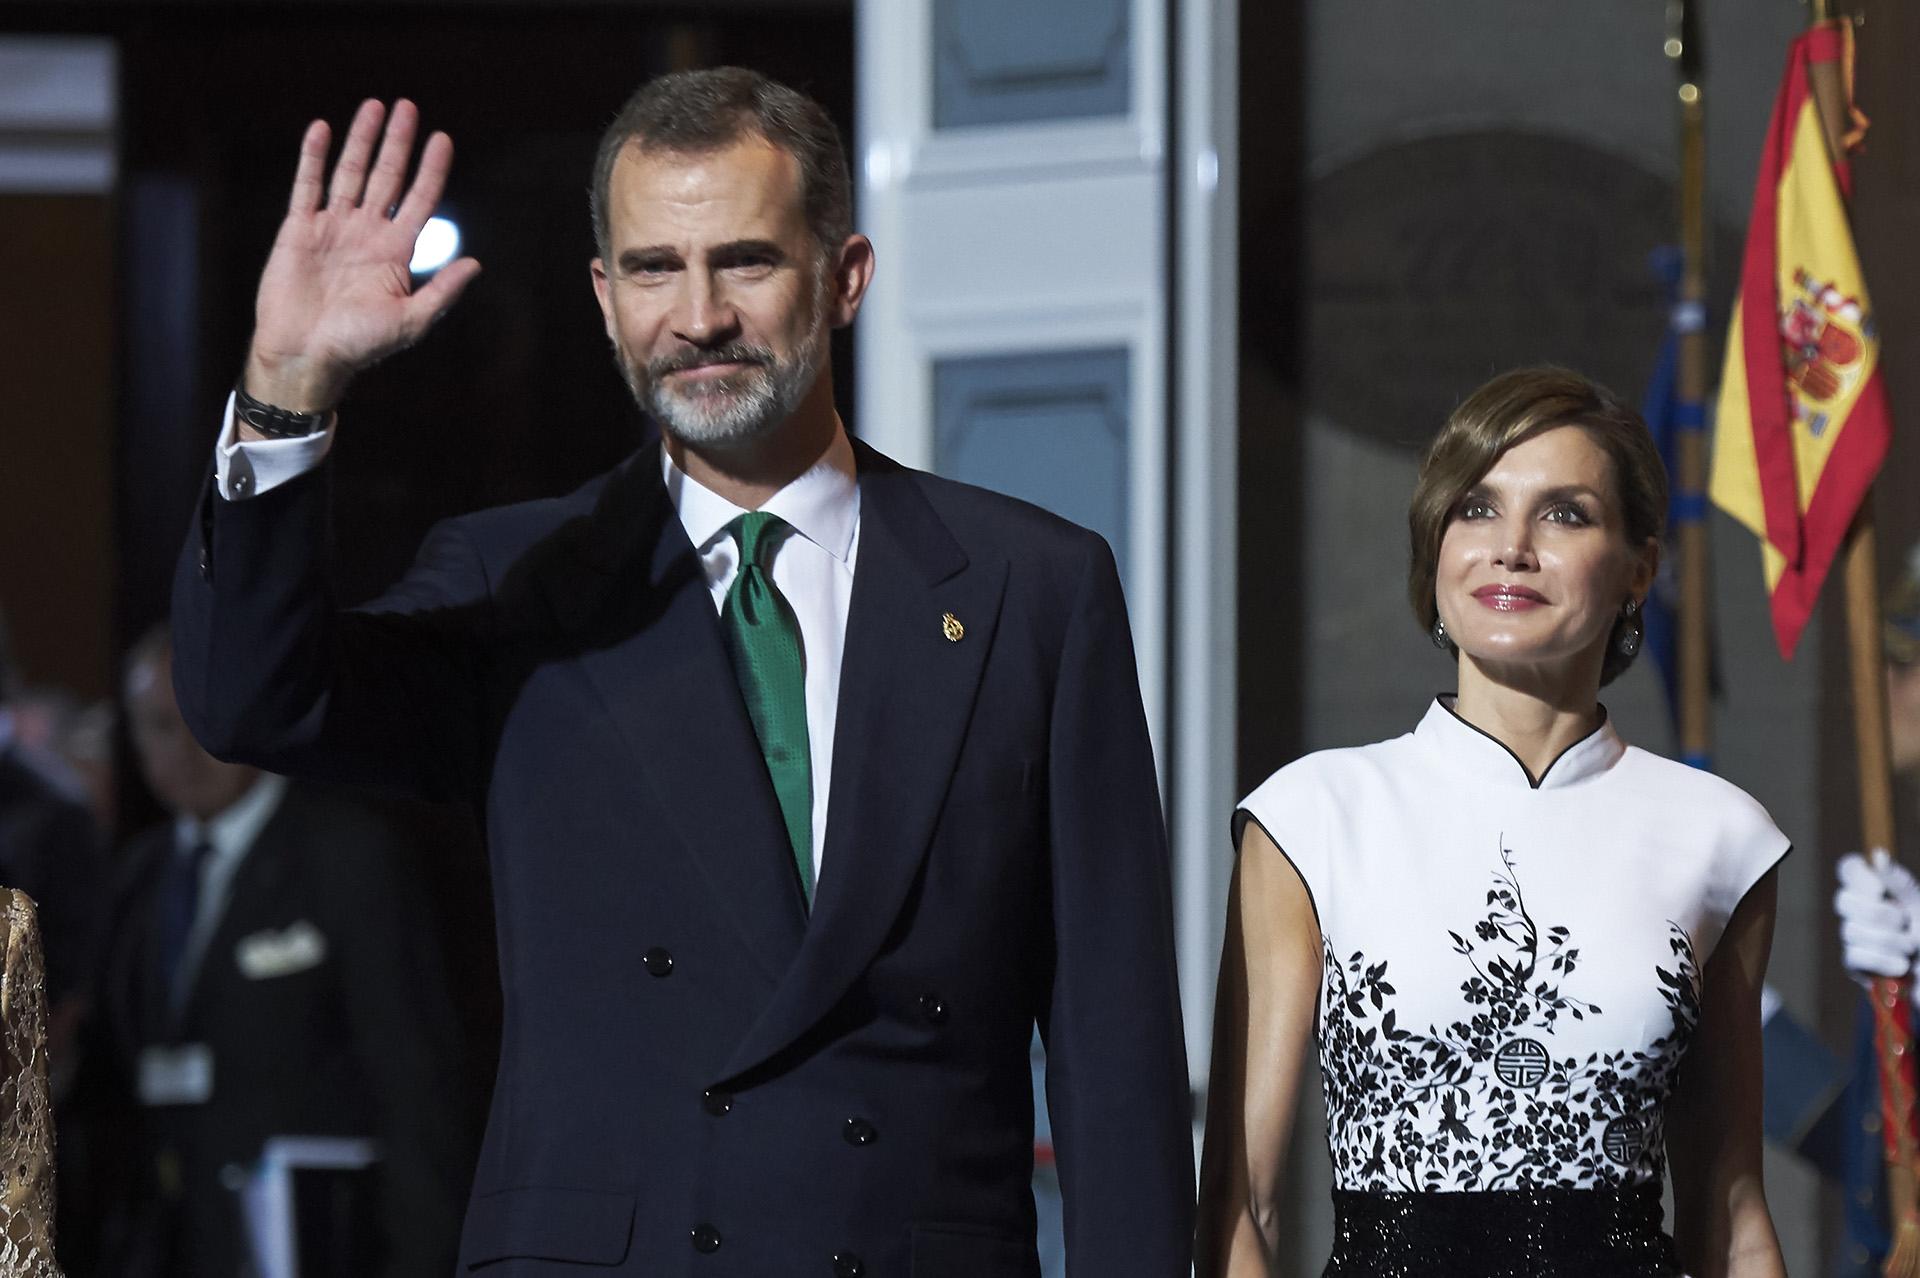 Llevan casi 15 años de matrimonio aunque su historia de amor comenzó de manera secreta. Letizia Ortiz Rocasolano, periodista de la TVE, jamás imaginó conocer a su futuro marido, el príncipe de Asturias Felipe -en aquel entonces el soltero más codiciado de España- en una reunión de trabajo.